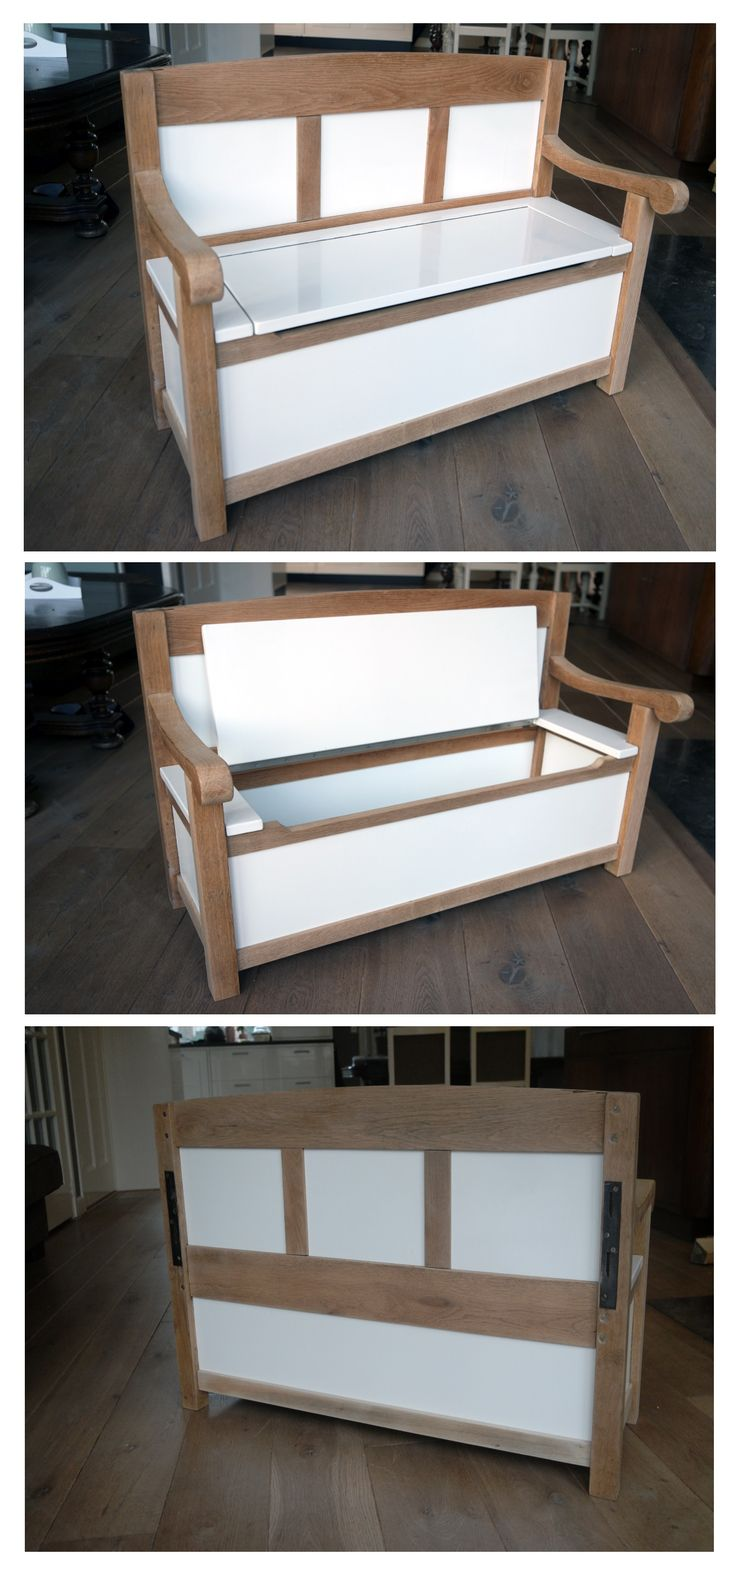 Van het eiken hoofdbord van een antiek ledikant en eikenhout van een tafel-onderstel heb ik dit leuke kinderbankje gemaakt.  De afmetingen zijn ongeveer 95x60x40 cm. De zithoogte is 32 cm